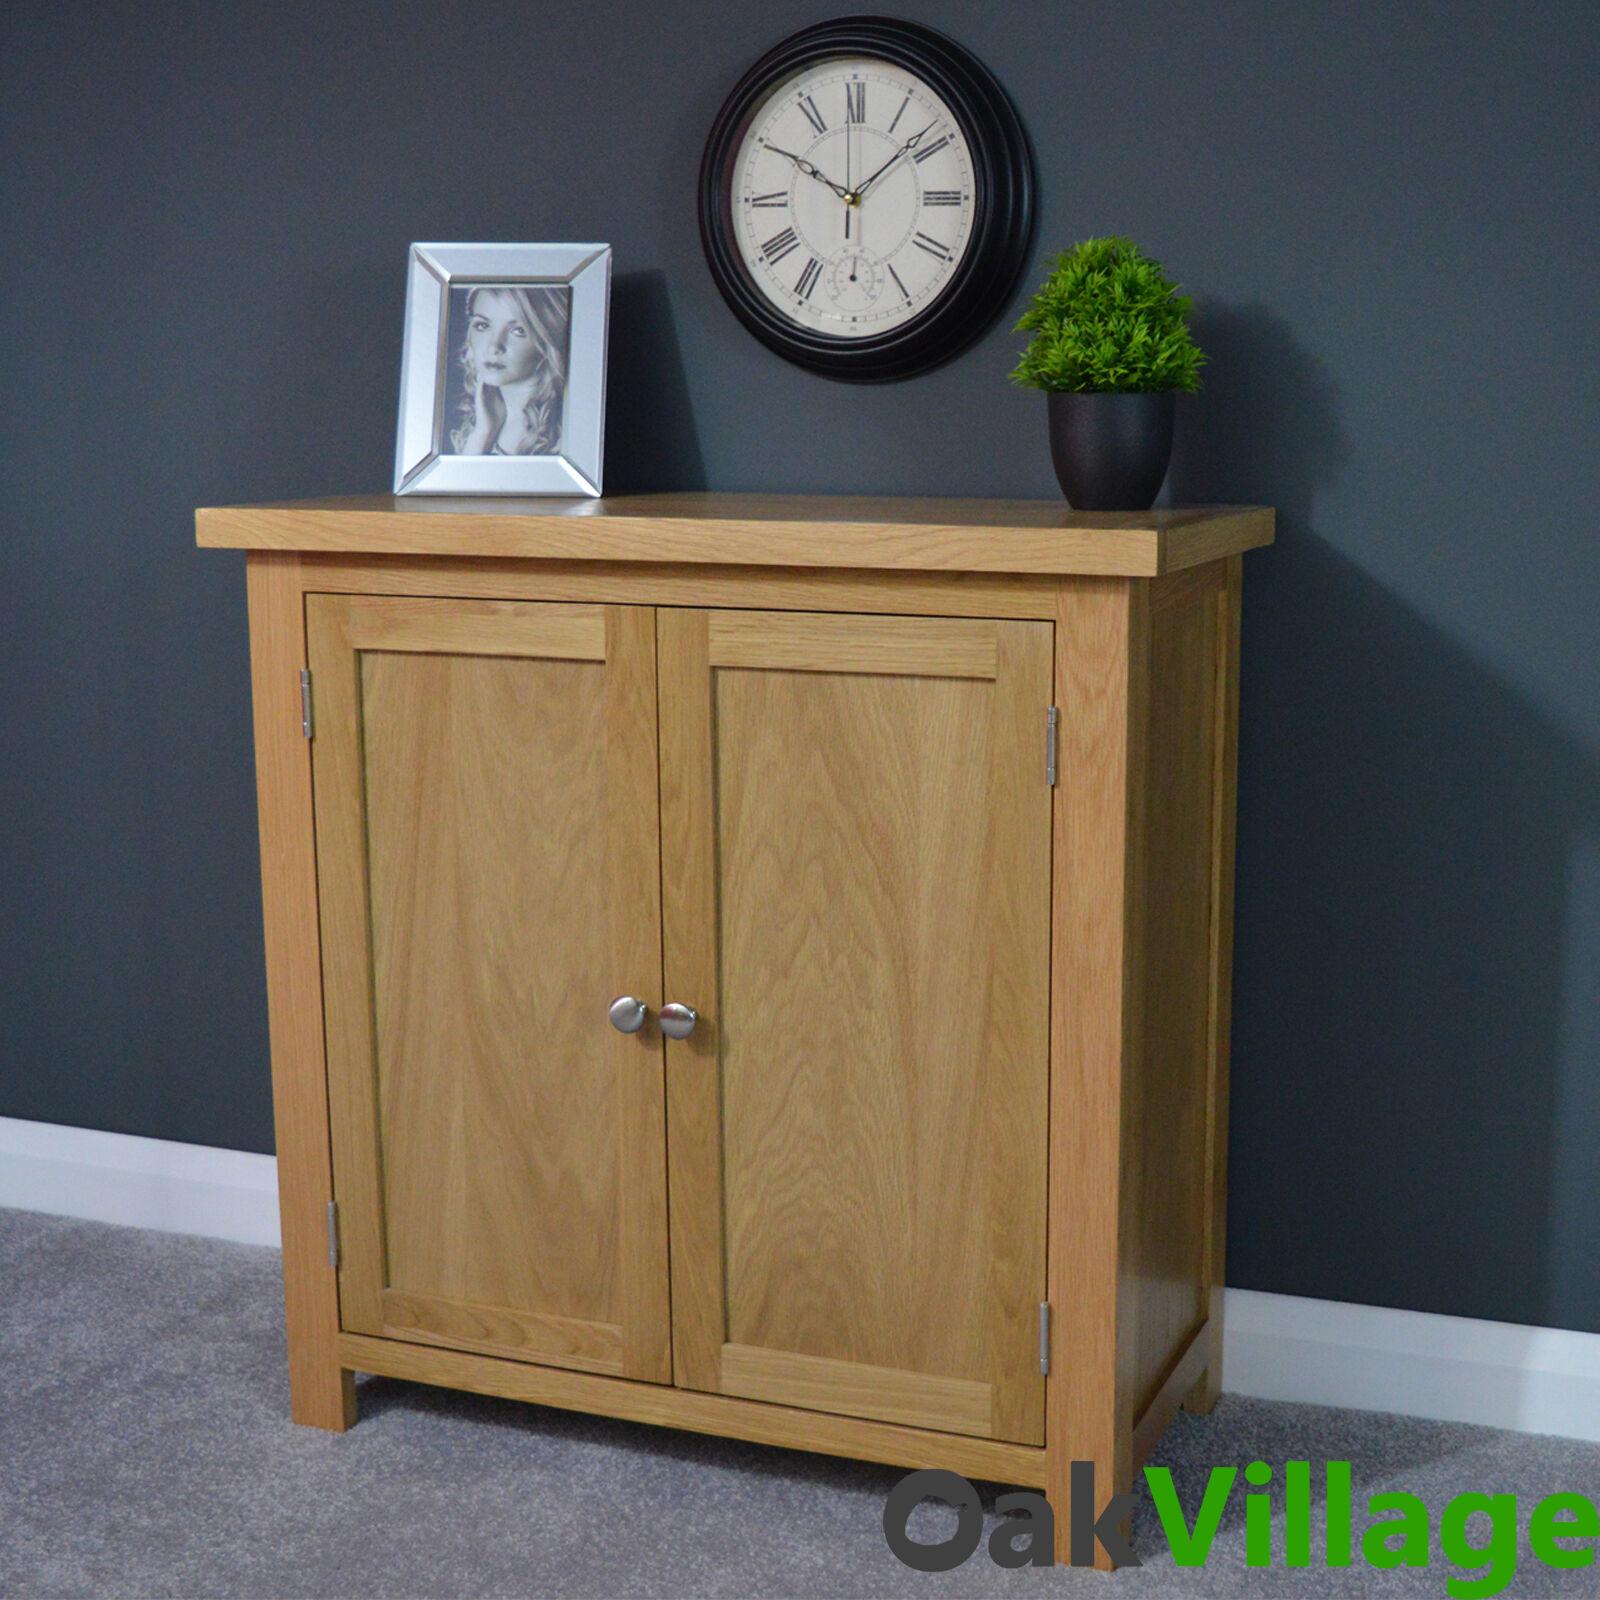 Oakley Oak Linen Cupboard Small